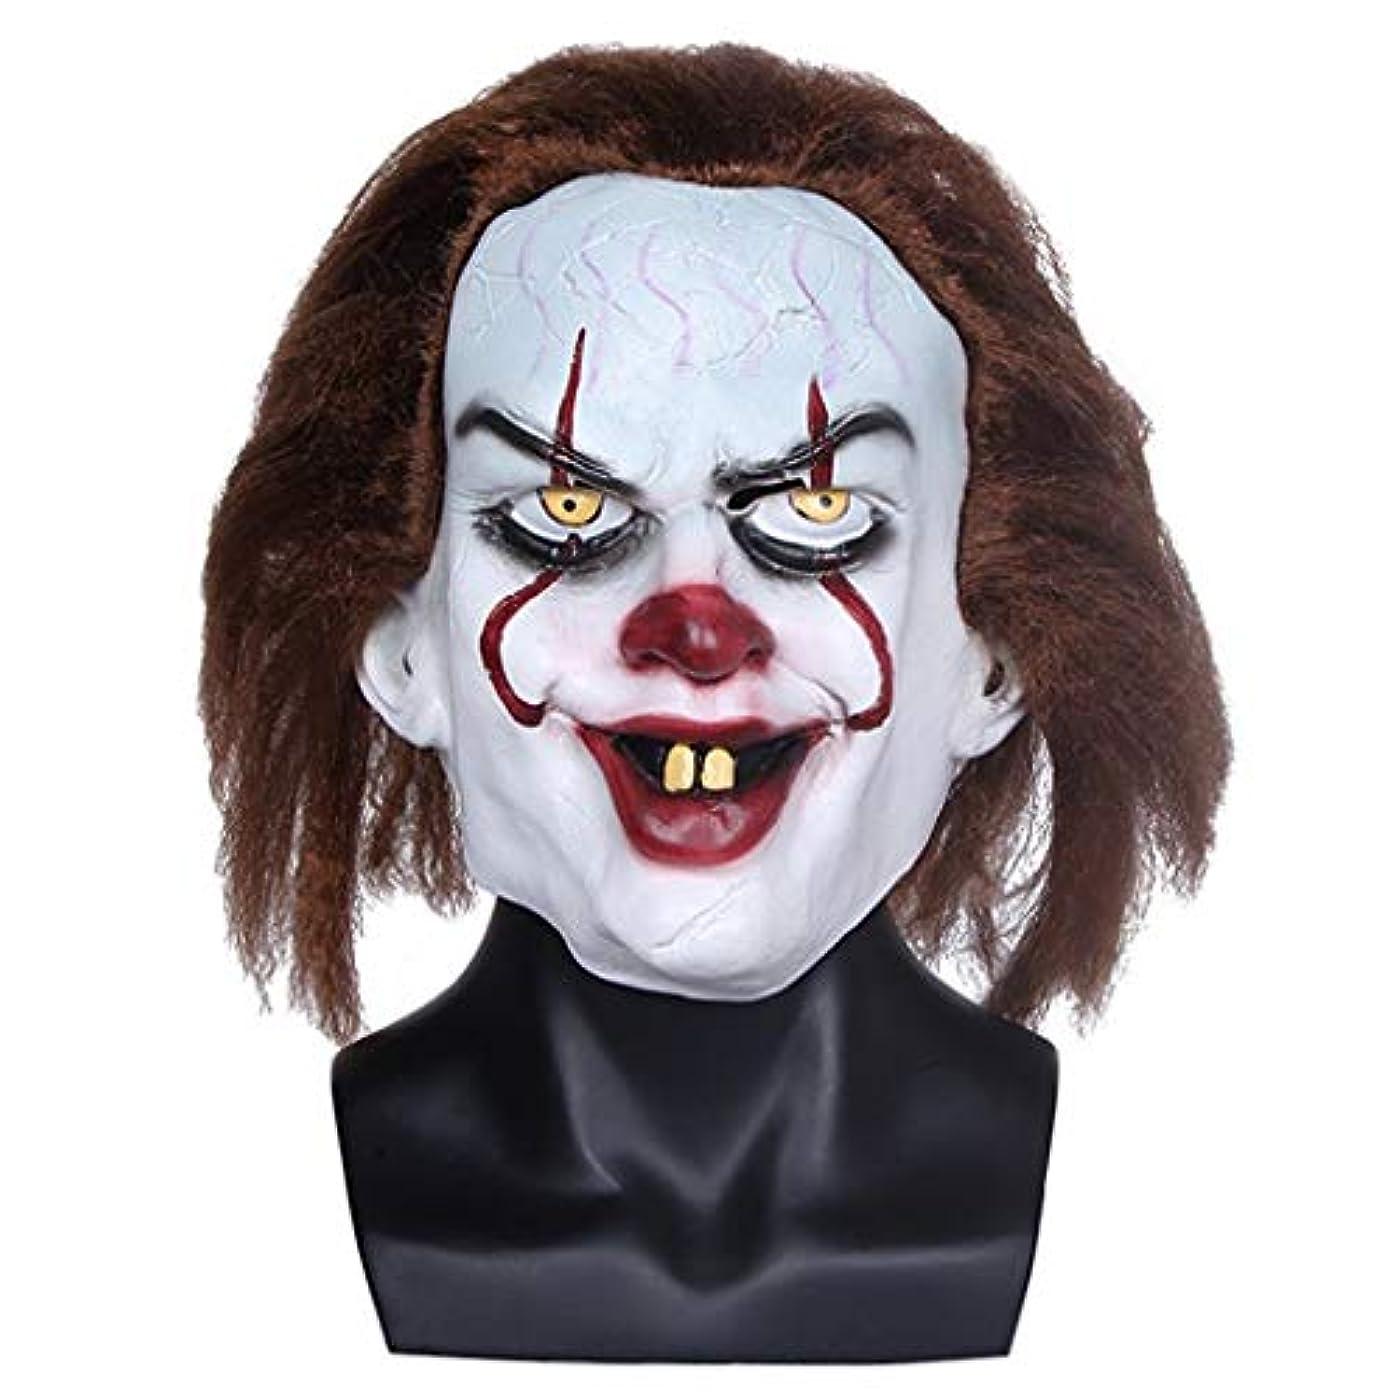 郊外雄弁一元化するハロウィンマスク大人の男性用ラテックスヘッドギアホラーピエロマスク笑顔変な顔映画小道具仮面舞踏会マスク